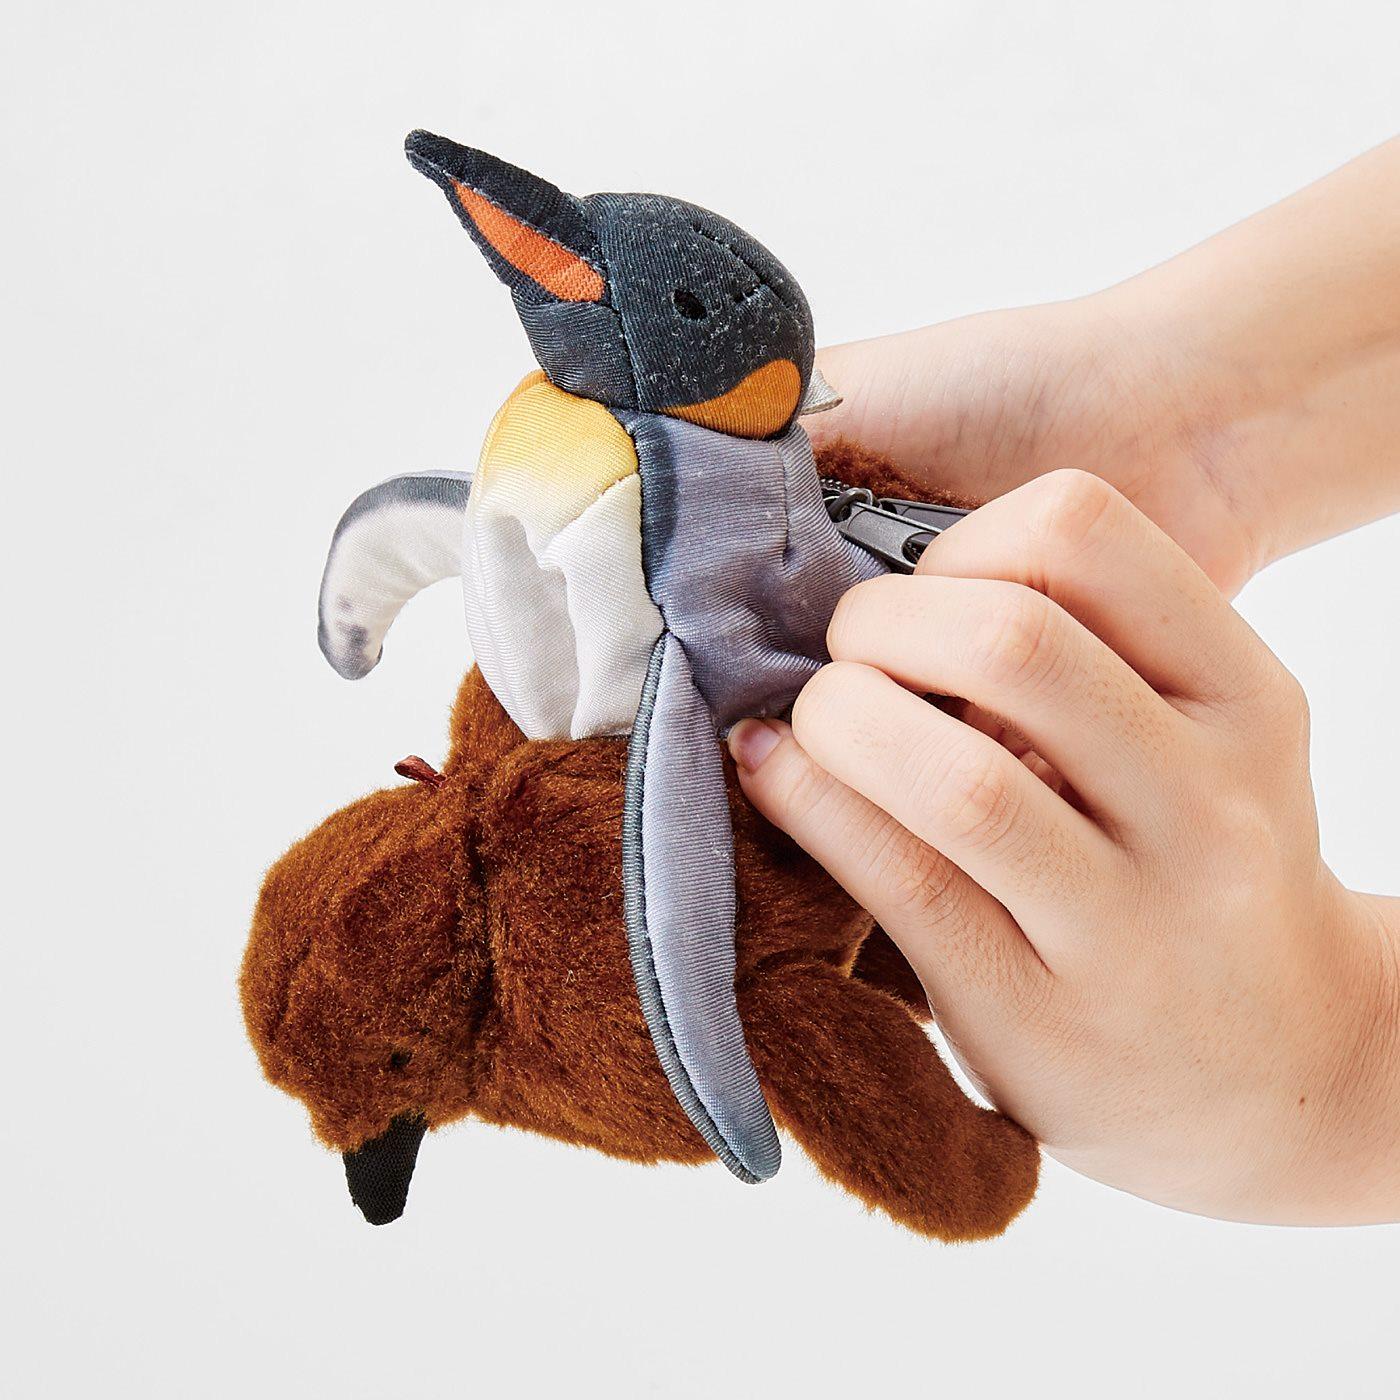 クルッとひっくり返すとオウサマペンギンが!